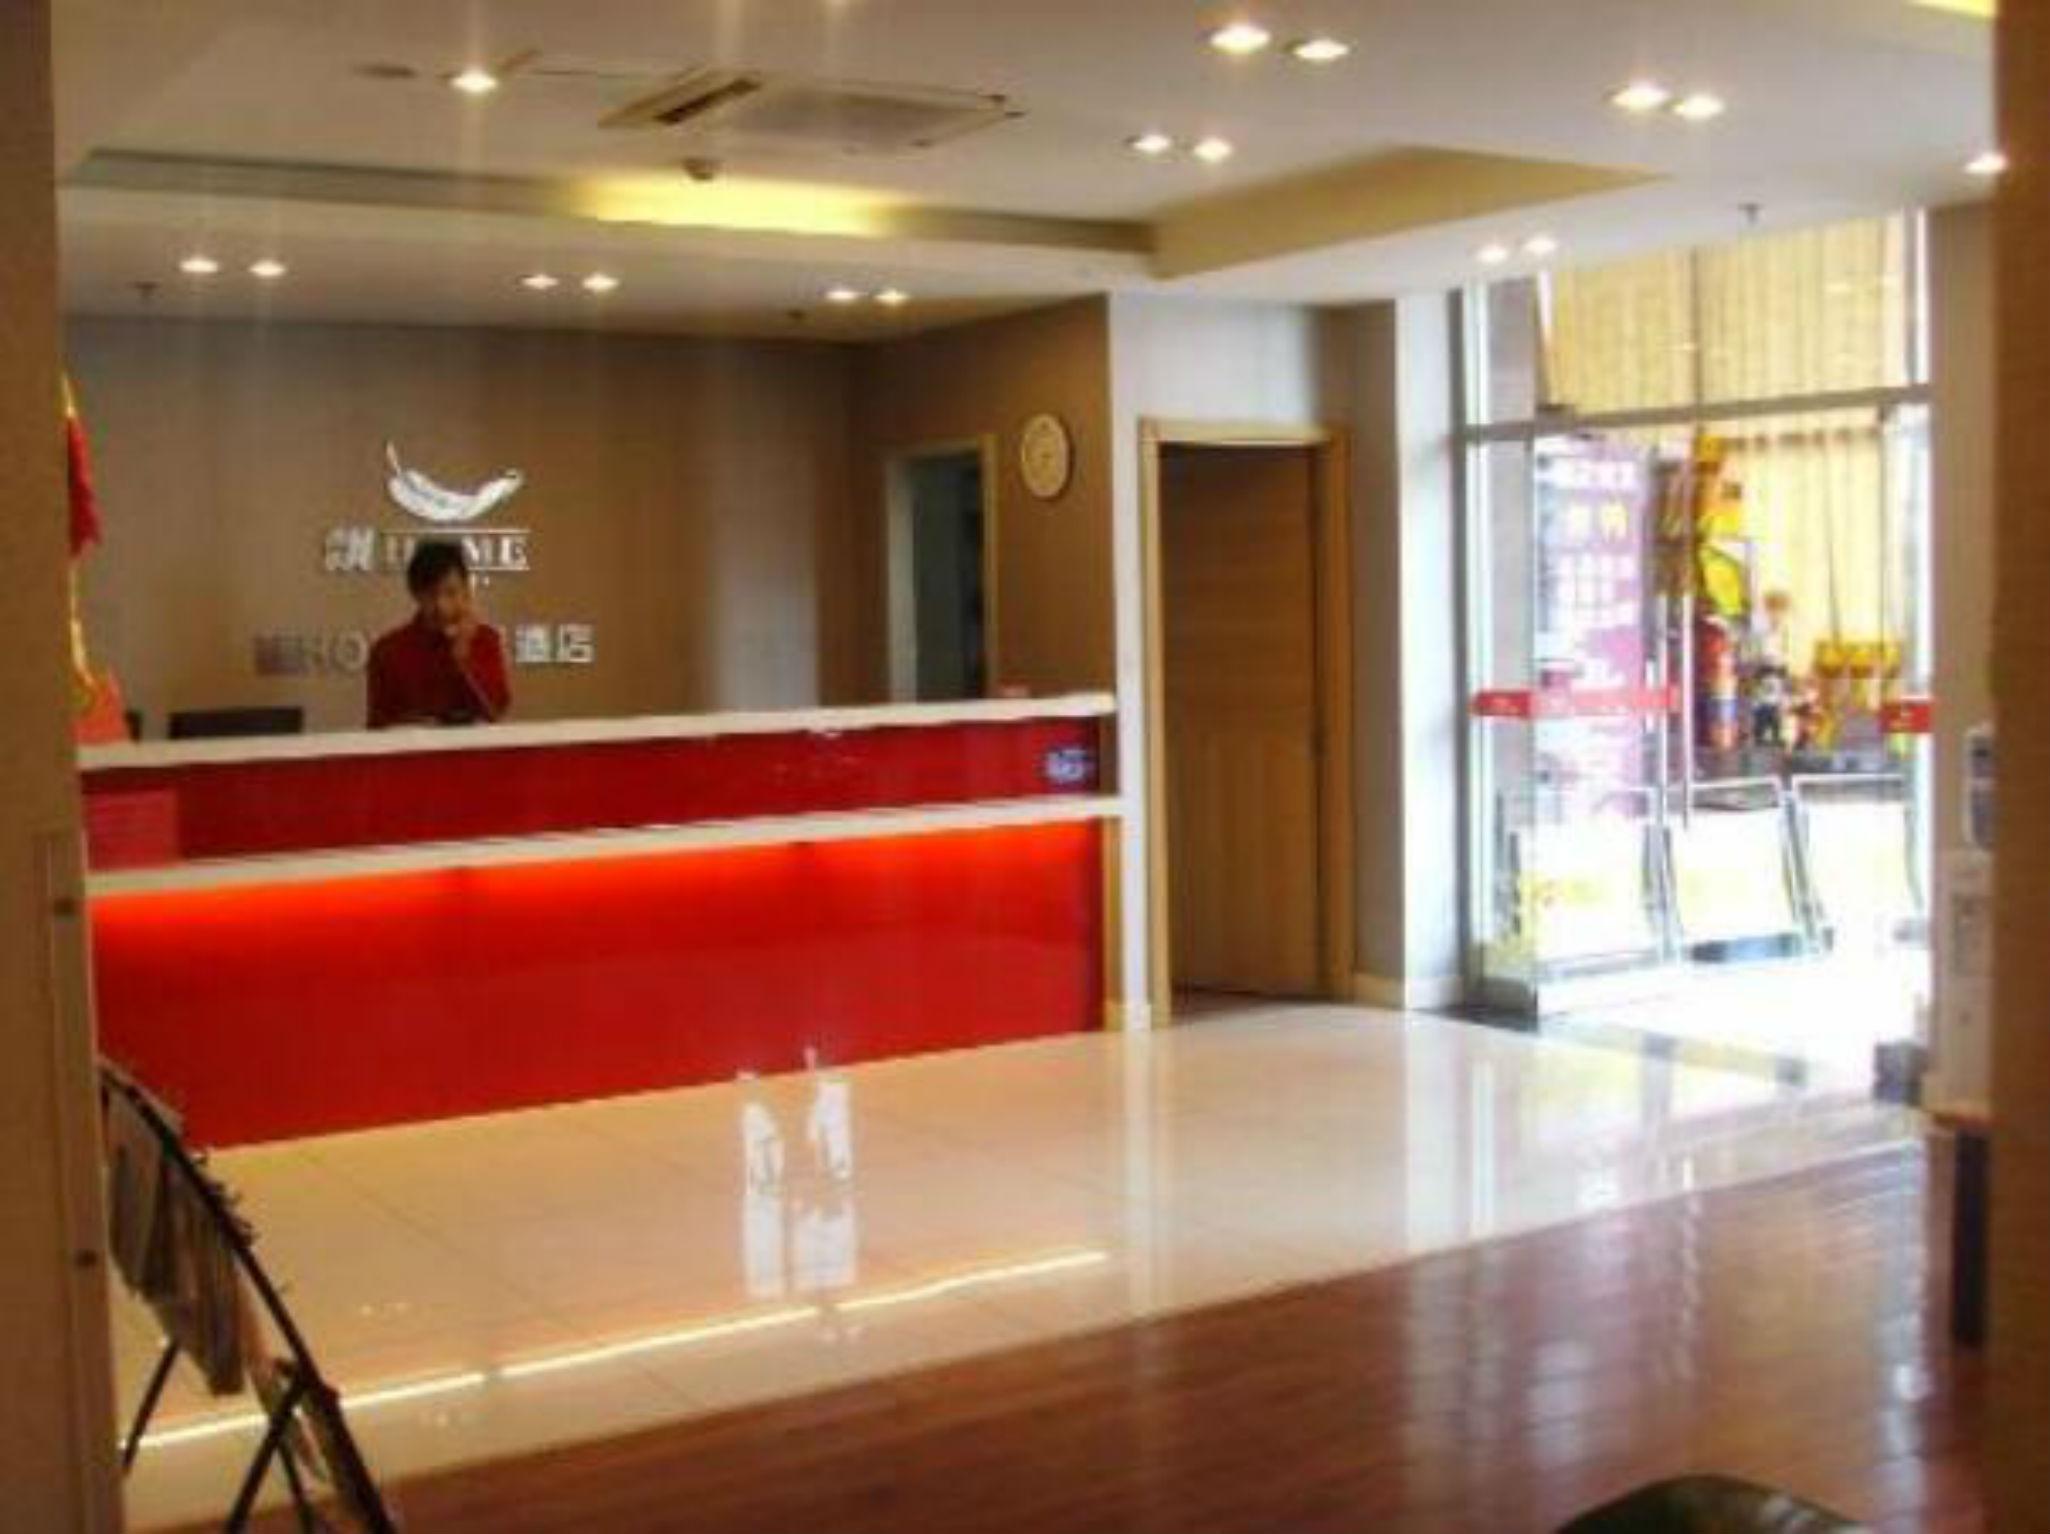 Gallery image of Piao Home Inn Beijing West Railway